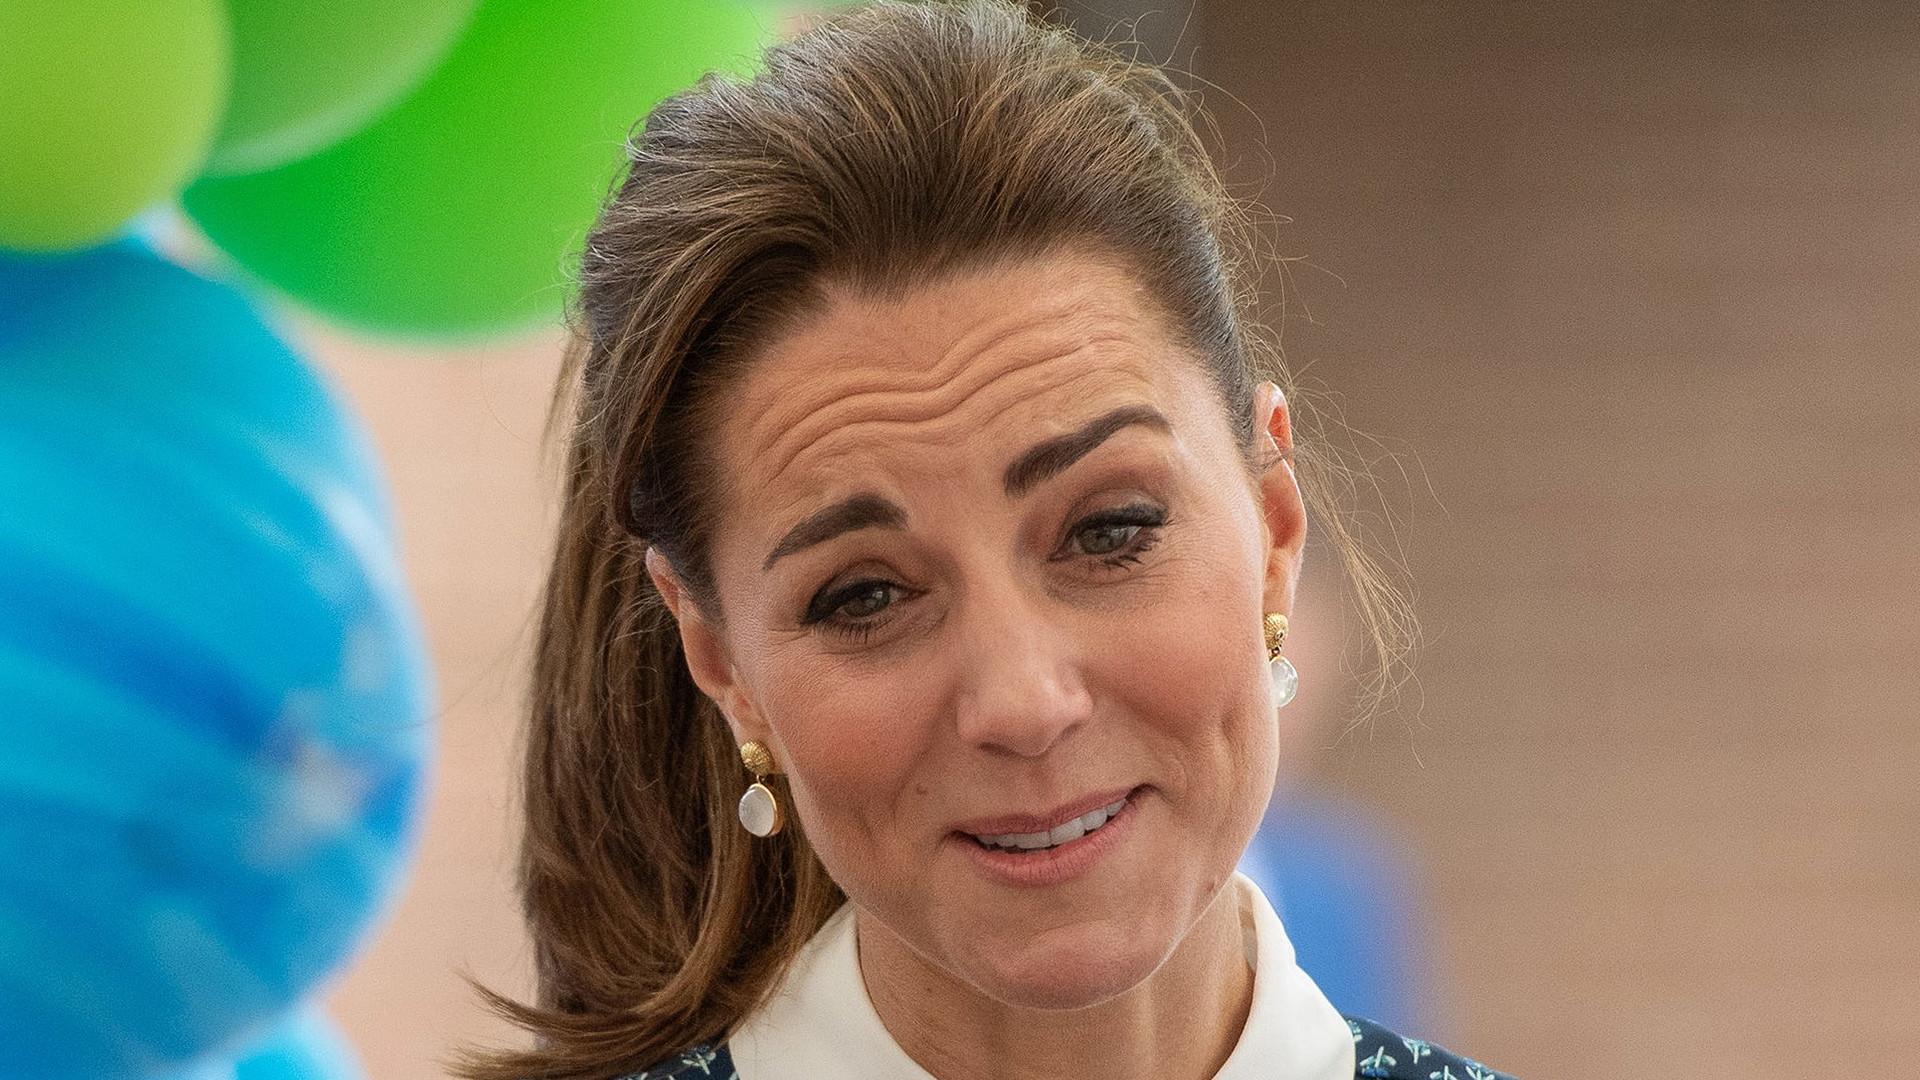 Księżna Kate odwiedziła szpital, a internauci: Przestań ubierać się jak BABCIA! (ZDJĘCIA)